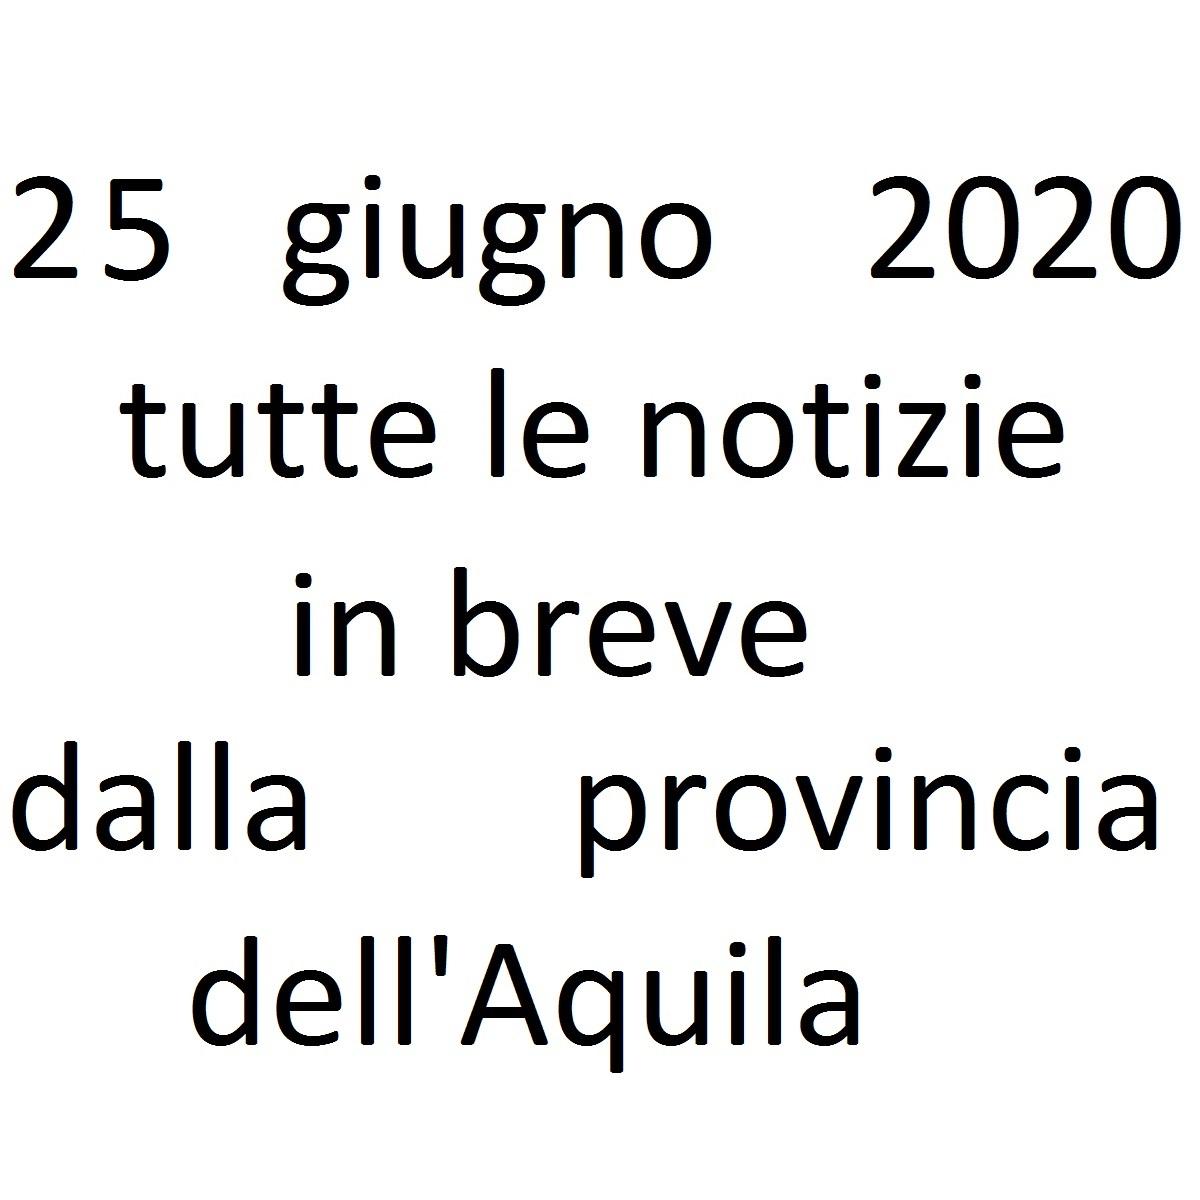 25 giugno 2020 notizie in breve dalla Provincia dell'Aquila foto